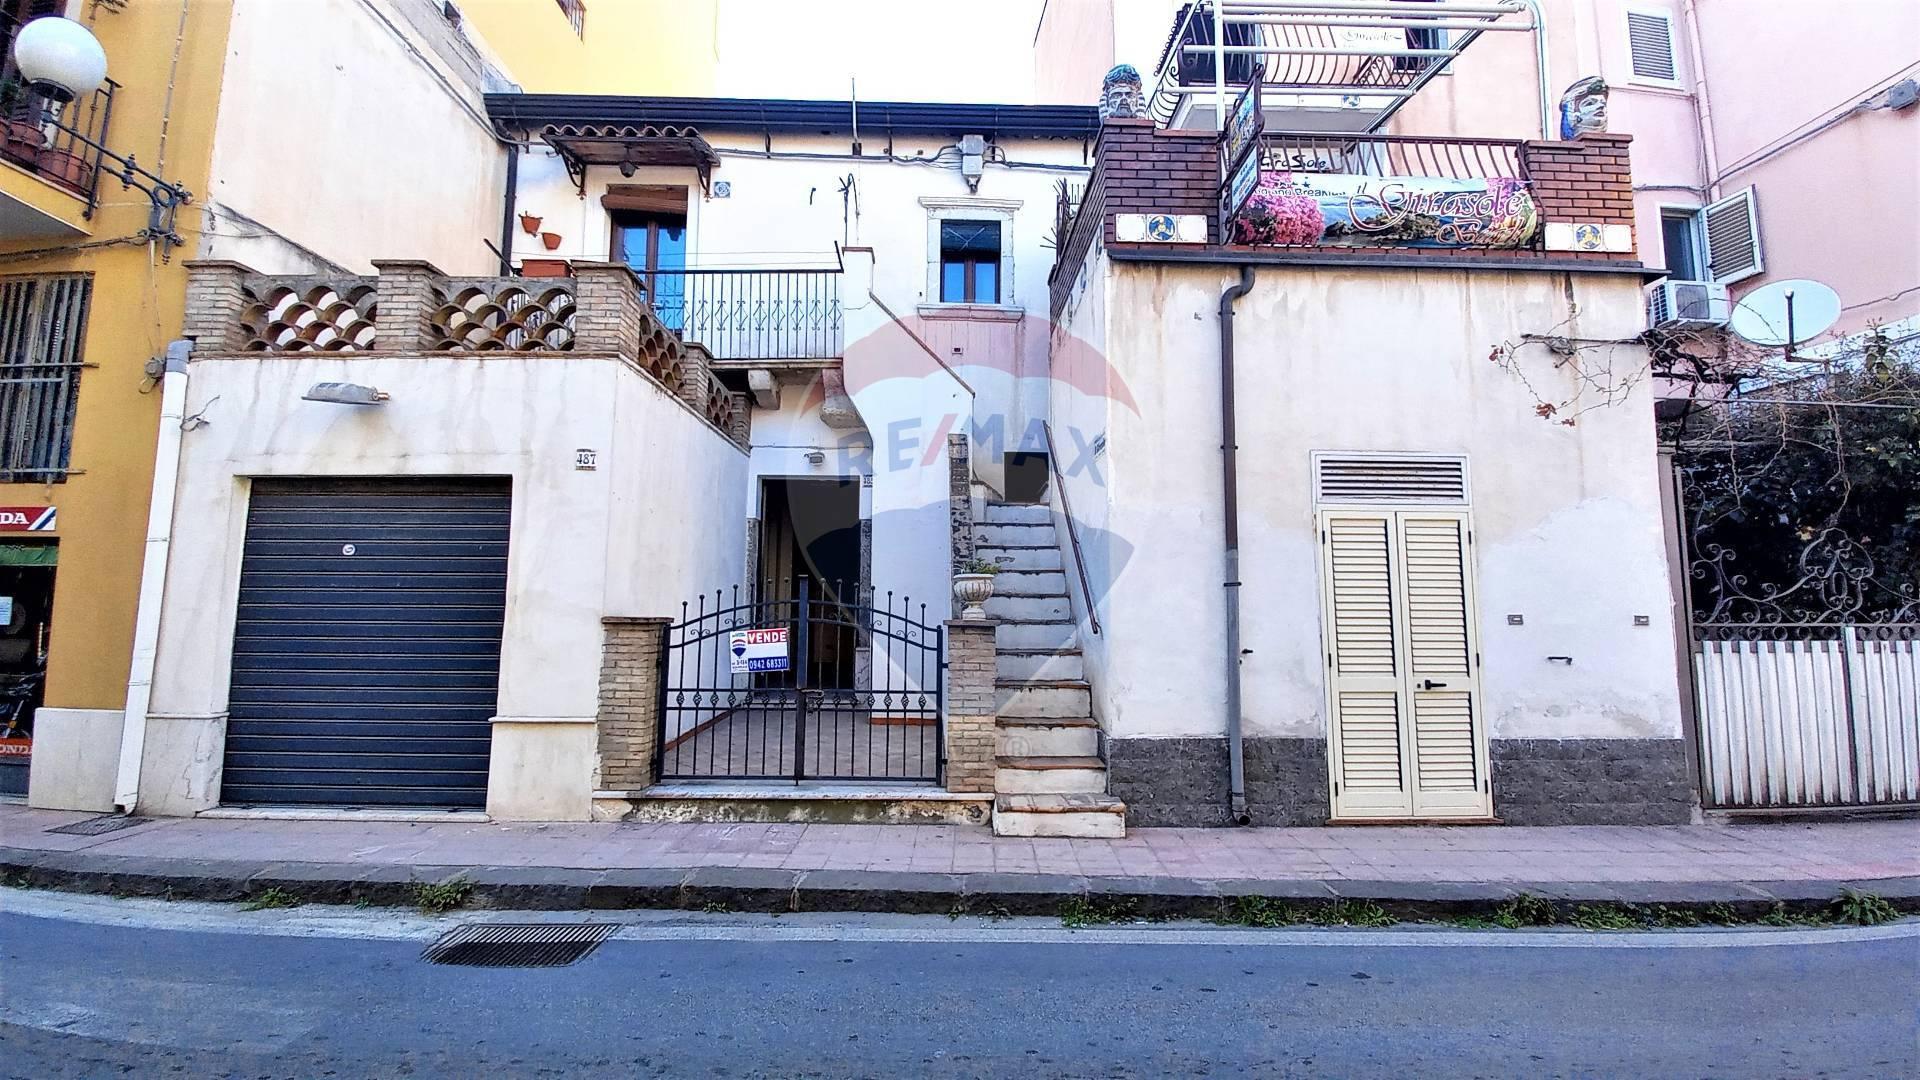 Negozio / Locale in vendita a Giardini-Naxos, 9999 locali, zona Località: Centro, prezzo € 98.000   CambioCasa.it